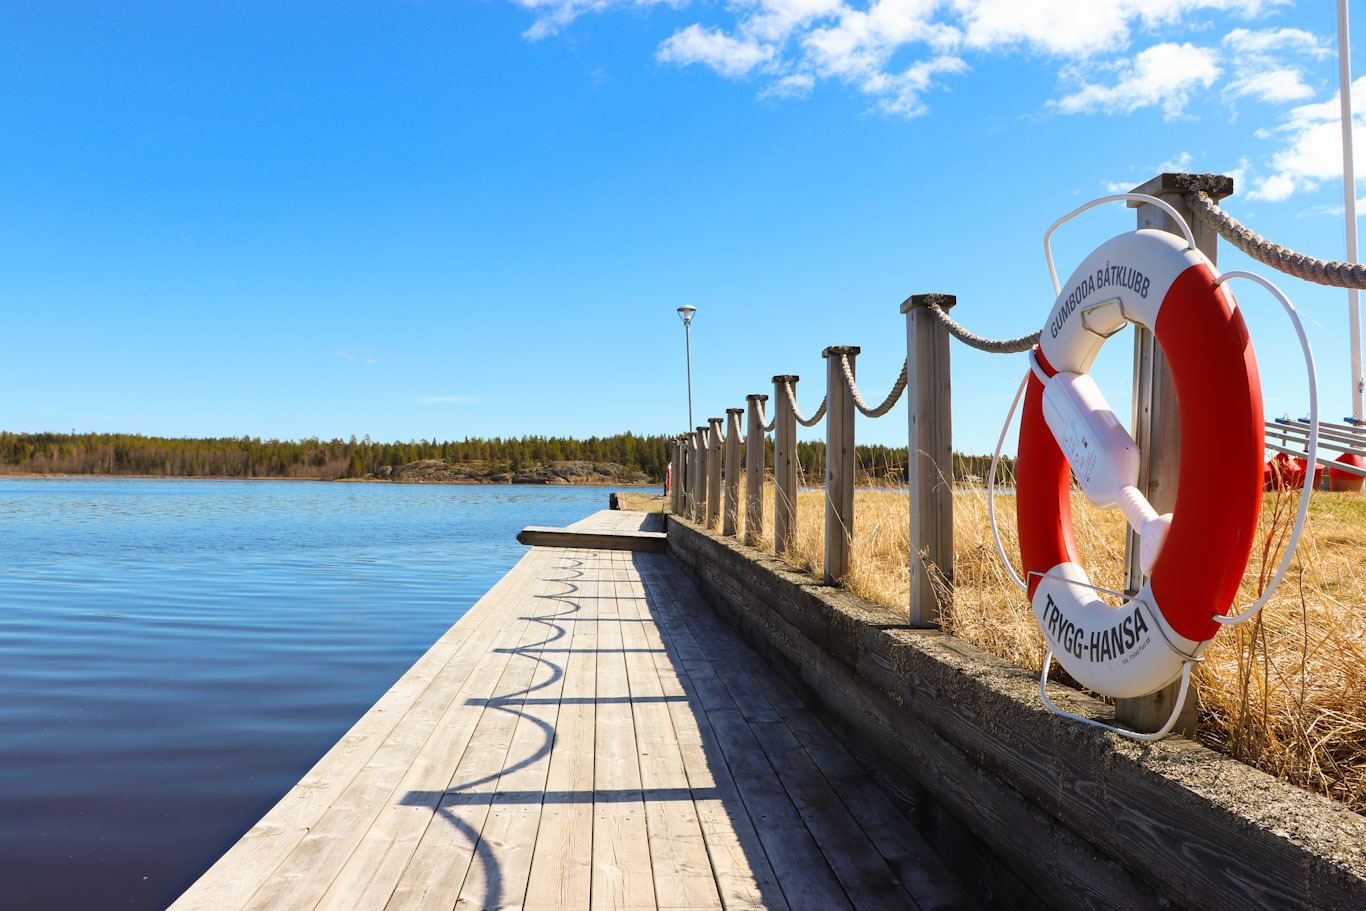 En bild från Gumboda gästhamn i Robertsfors kommun